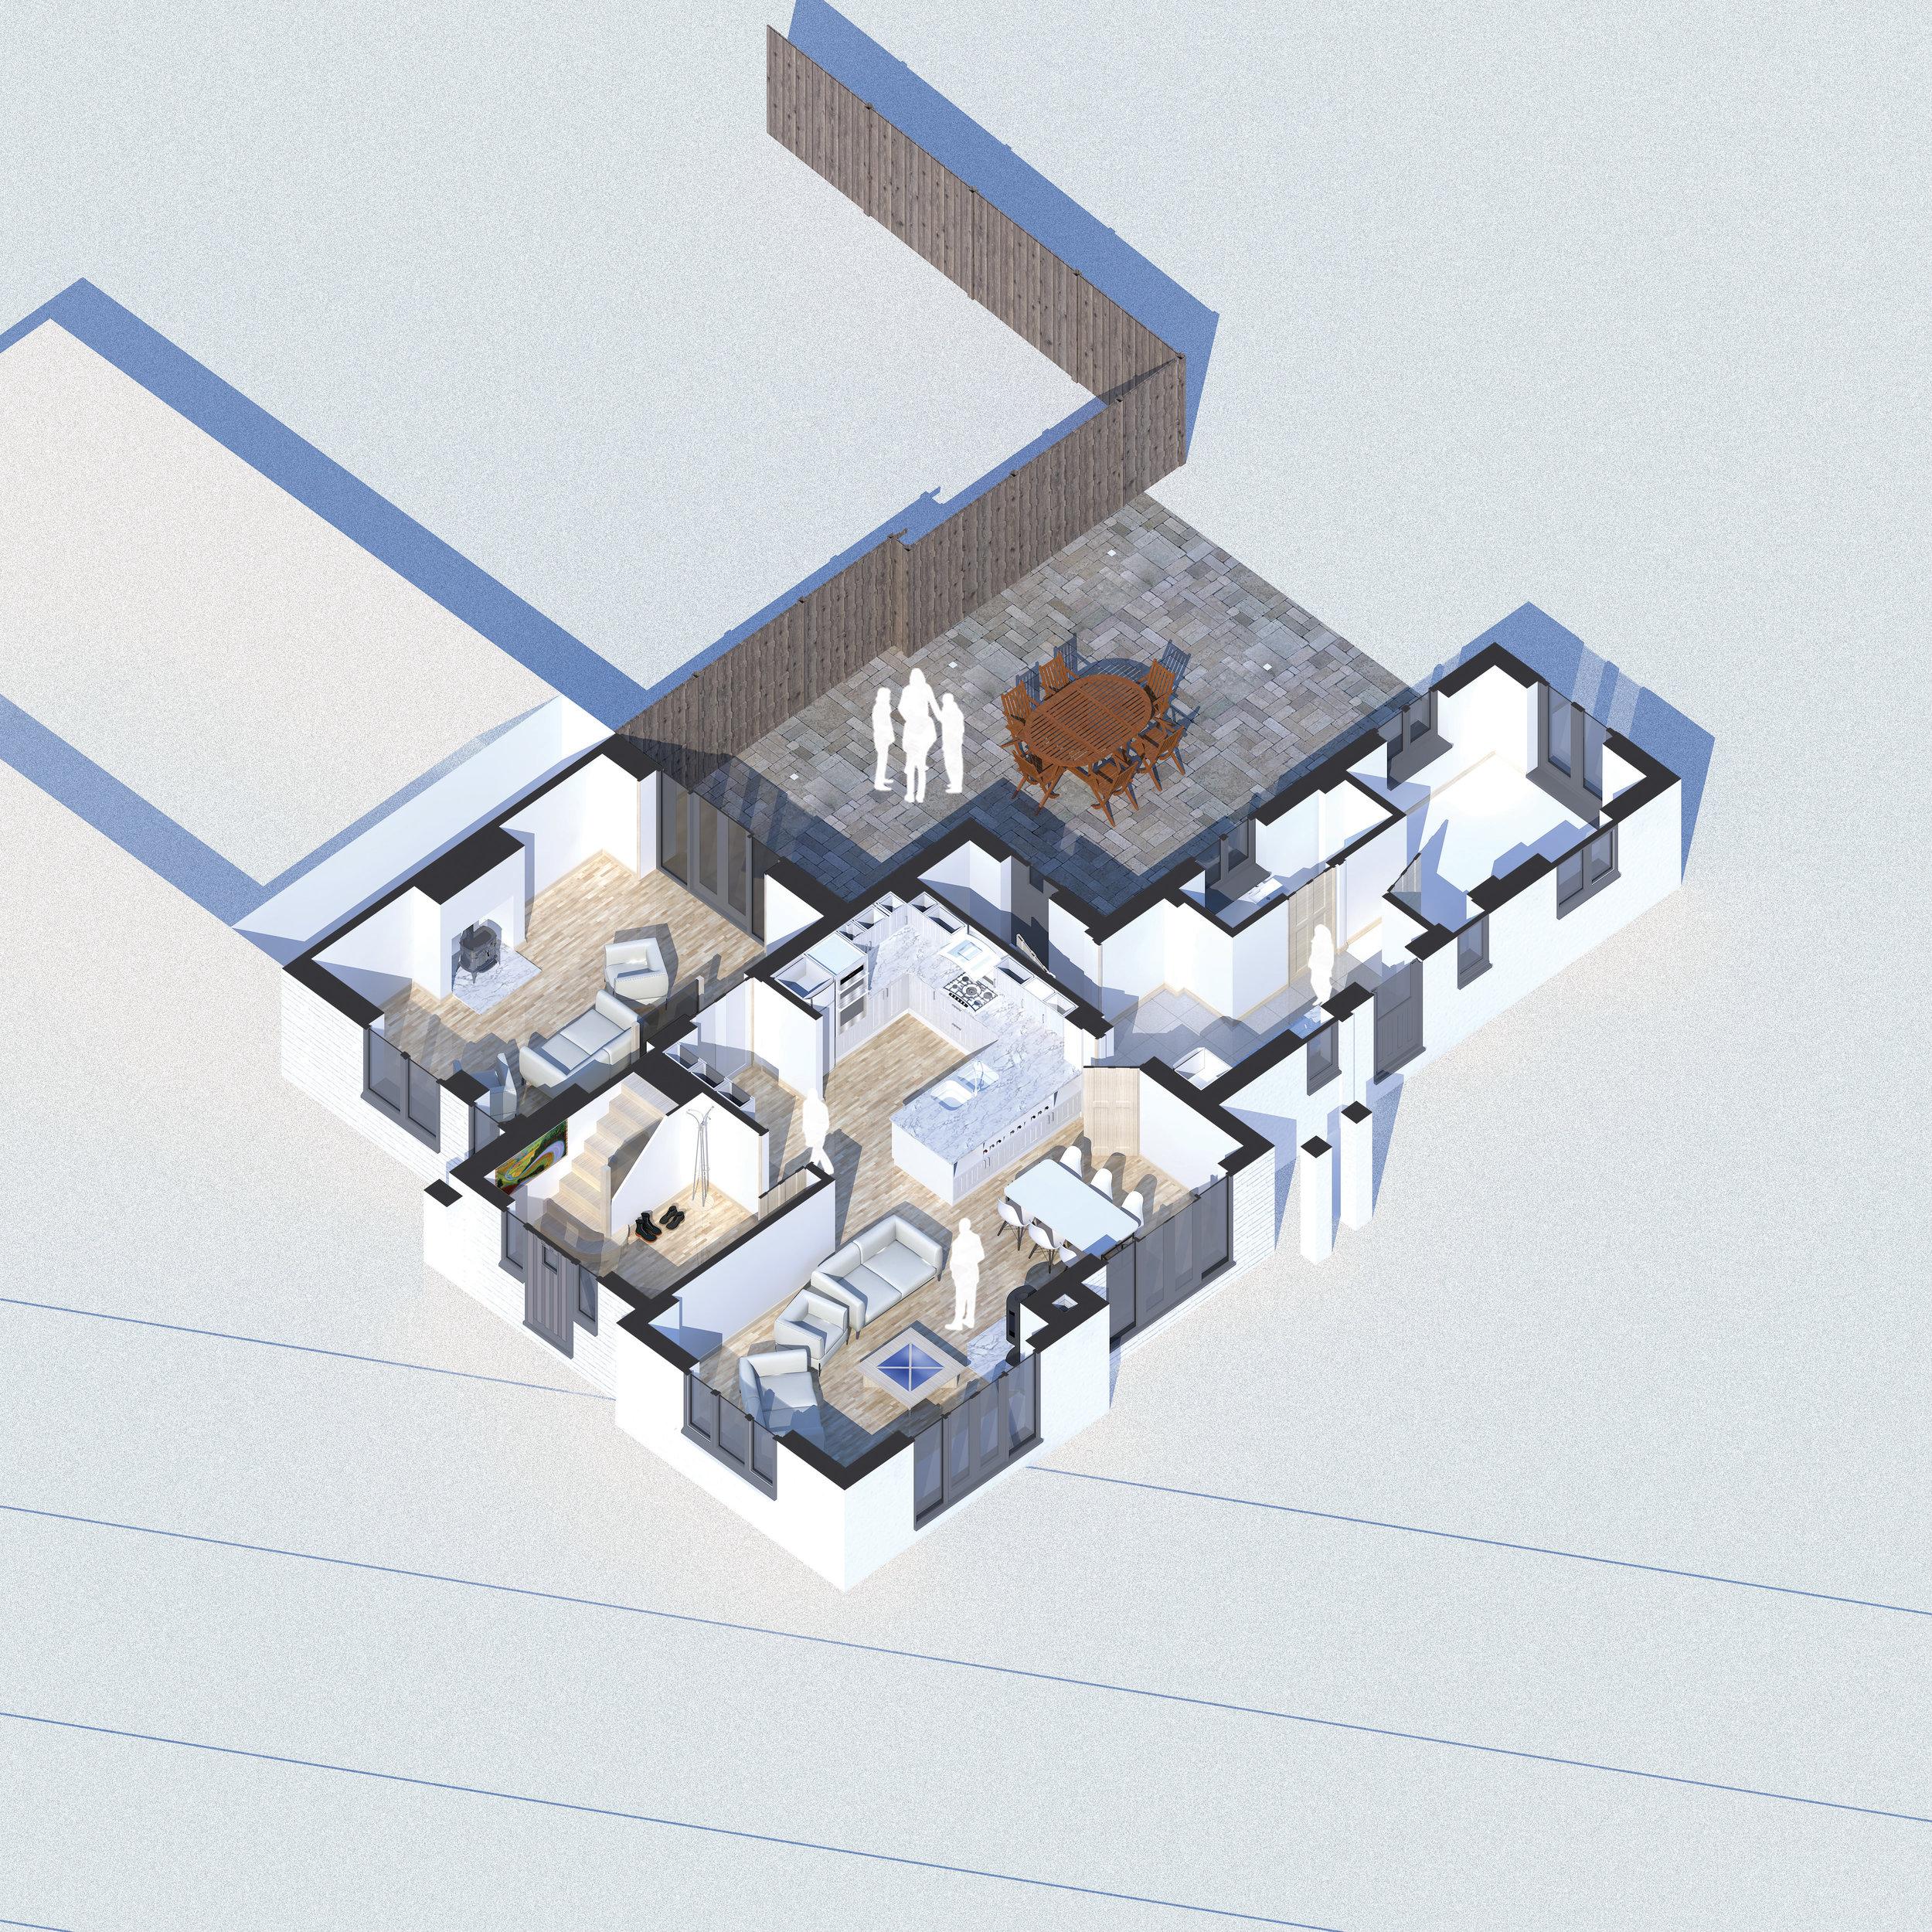 Ground Floor Axonometric